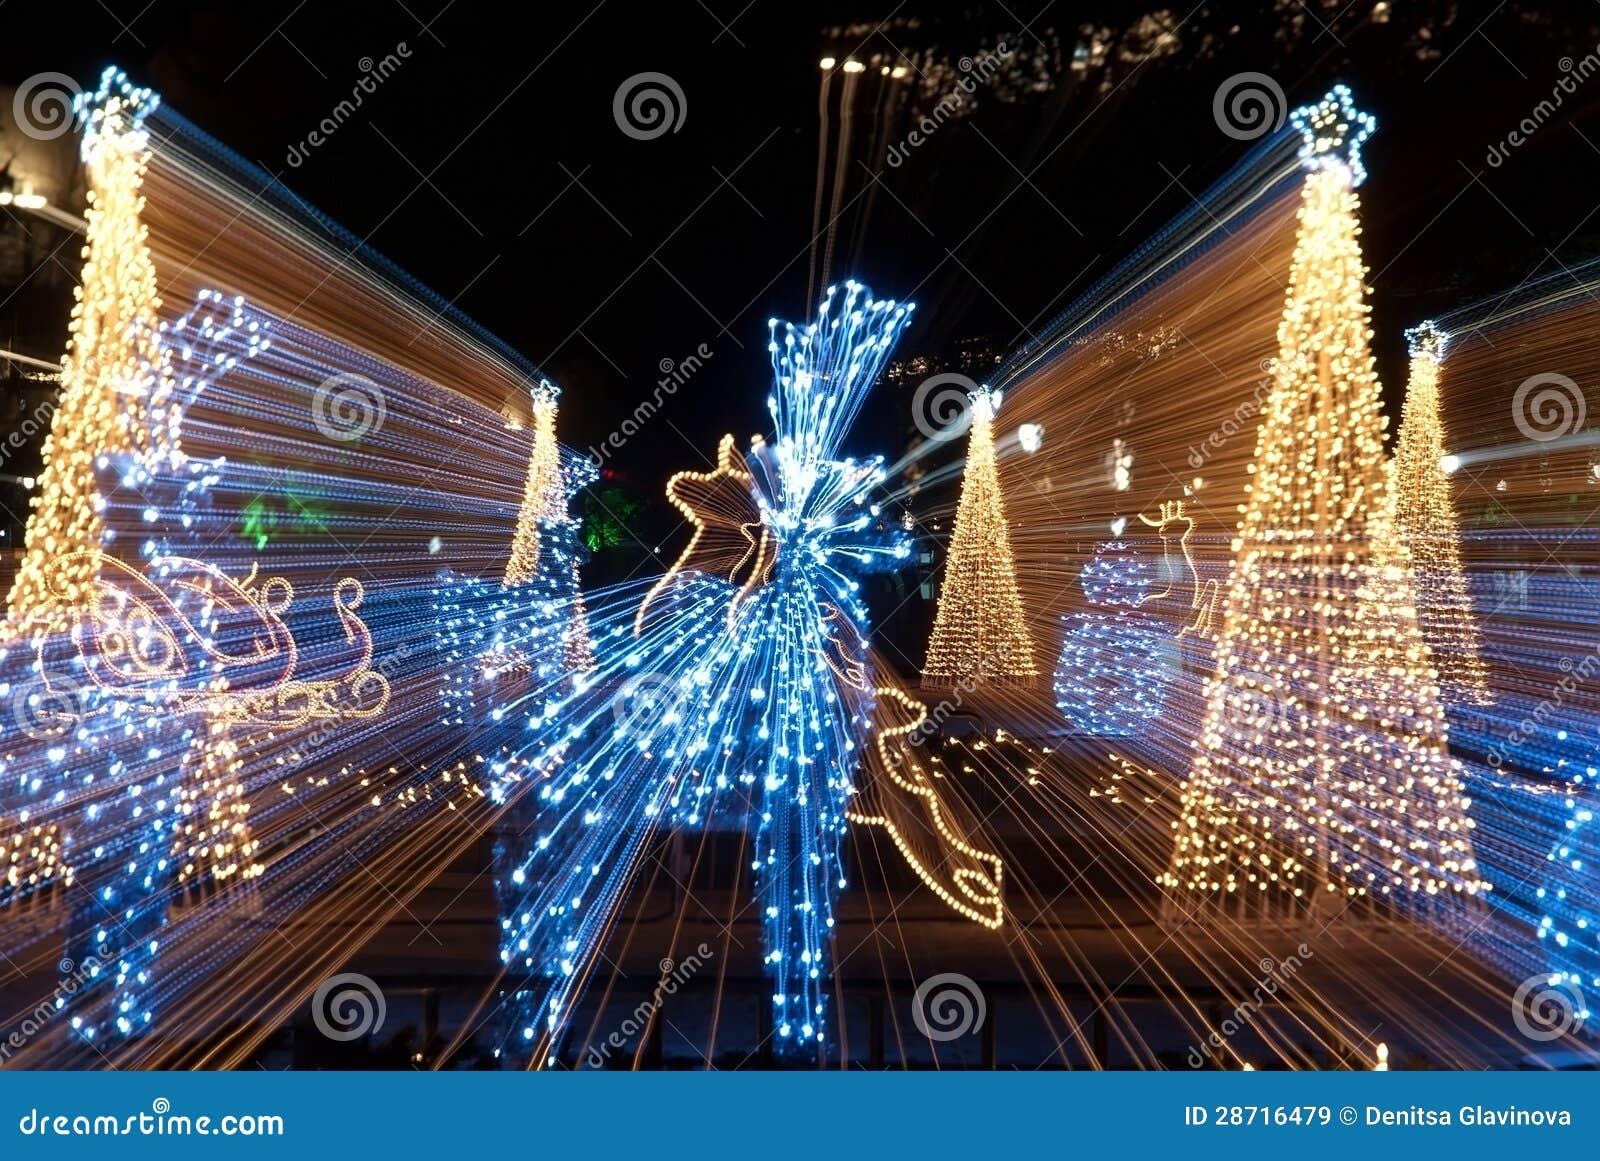 weihnachtsschlitten rotwild und b ume bokeh beleuchten lizenzfreie stockbilder bild 28716479. Black Bedroom Furniture Sets. Home Design Ideas